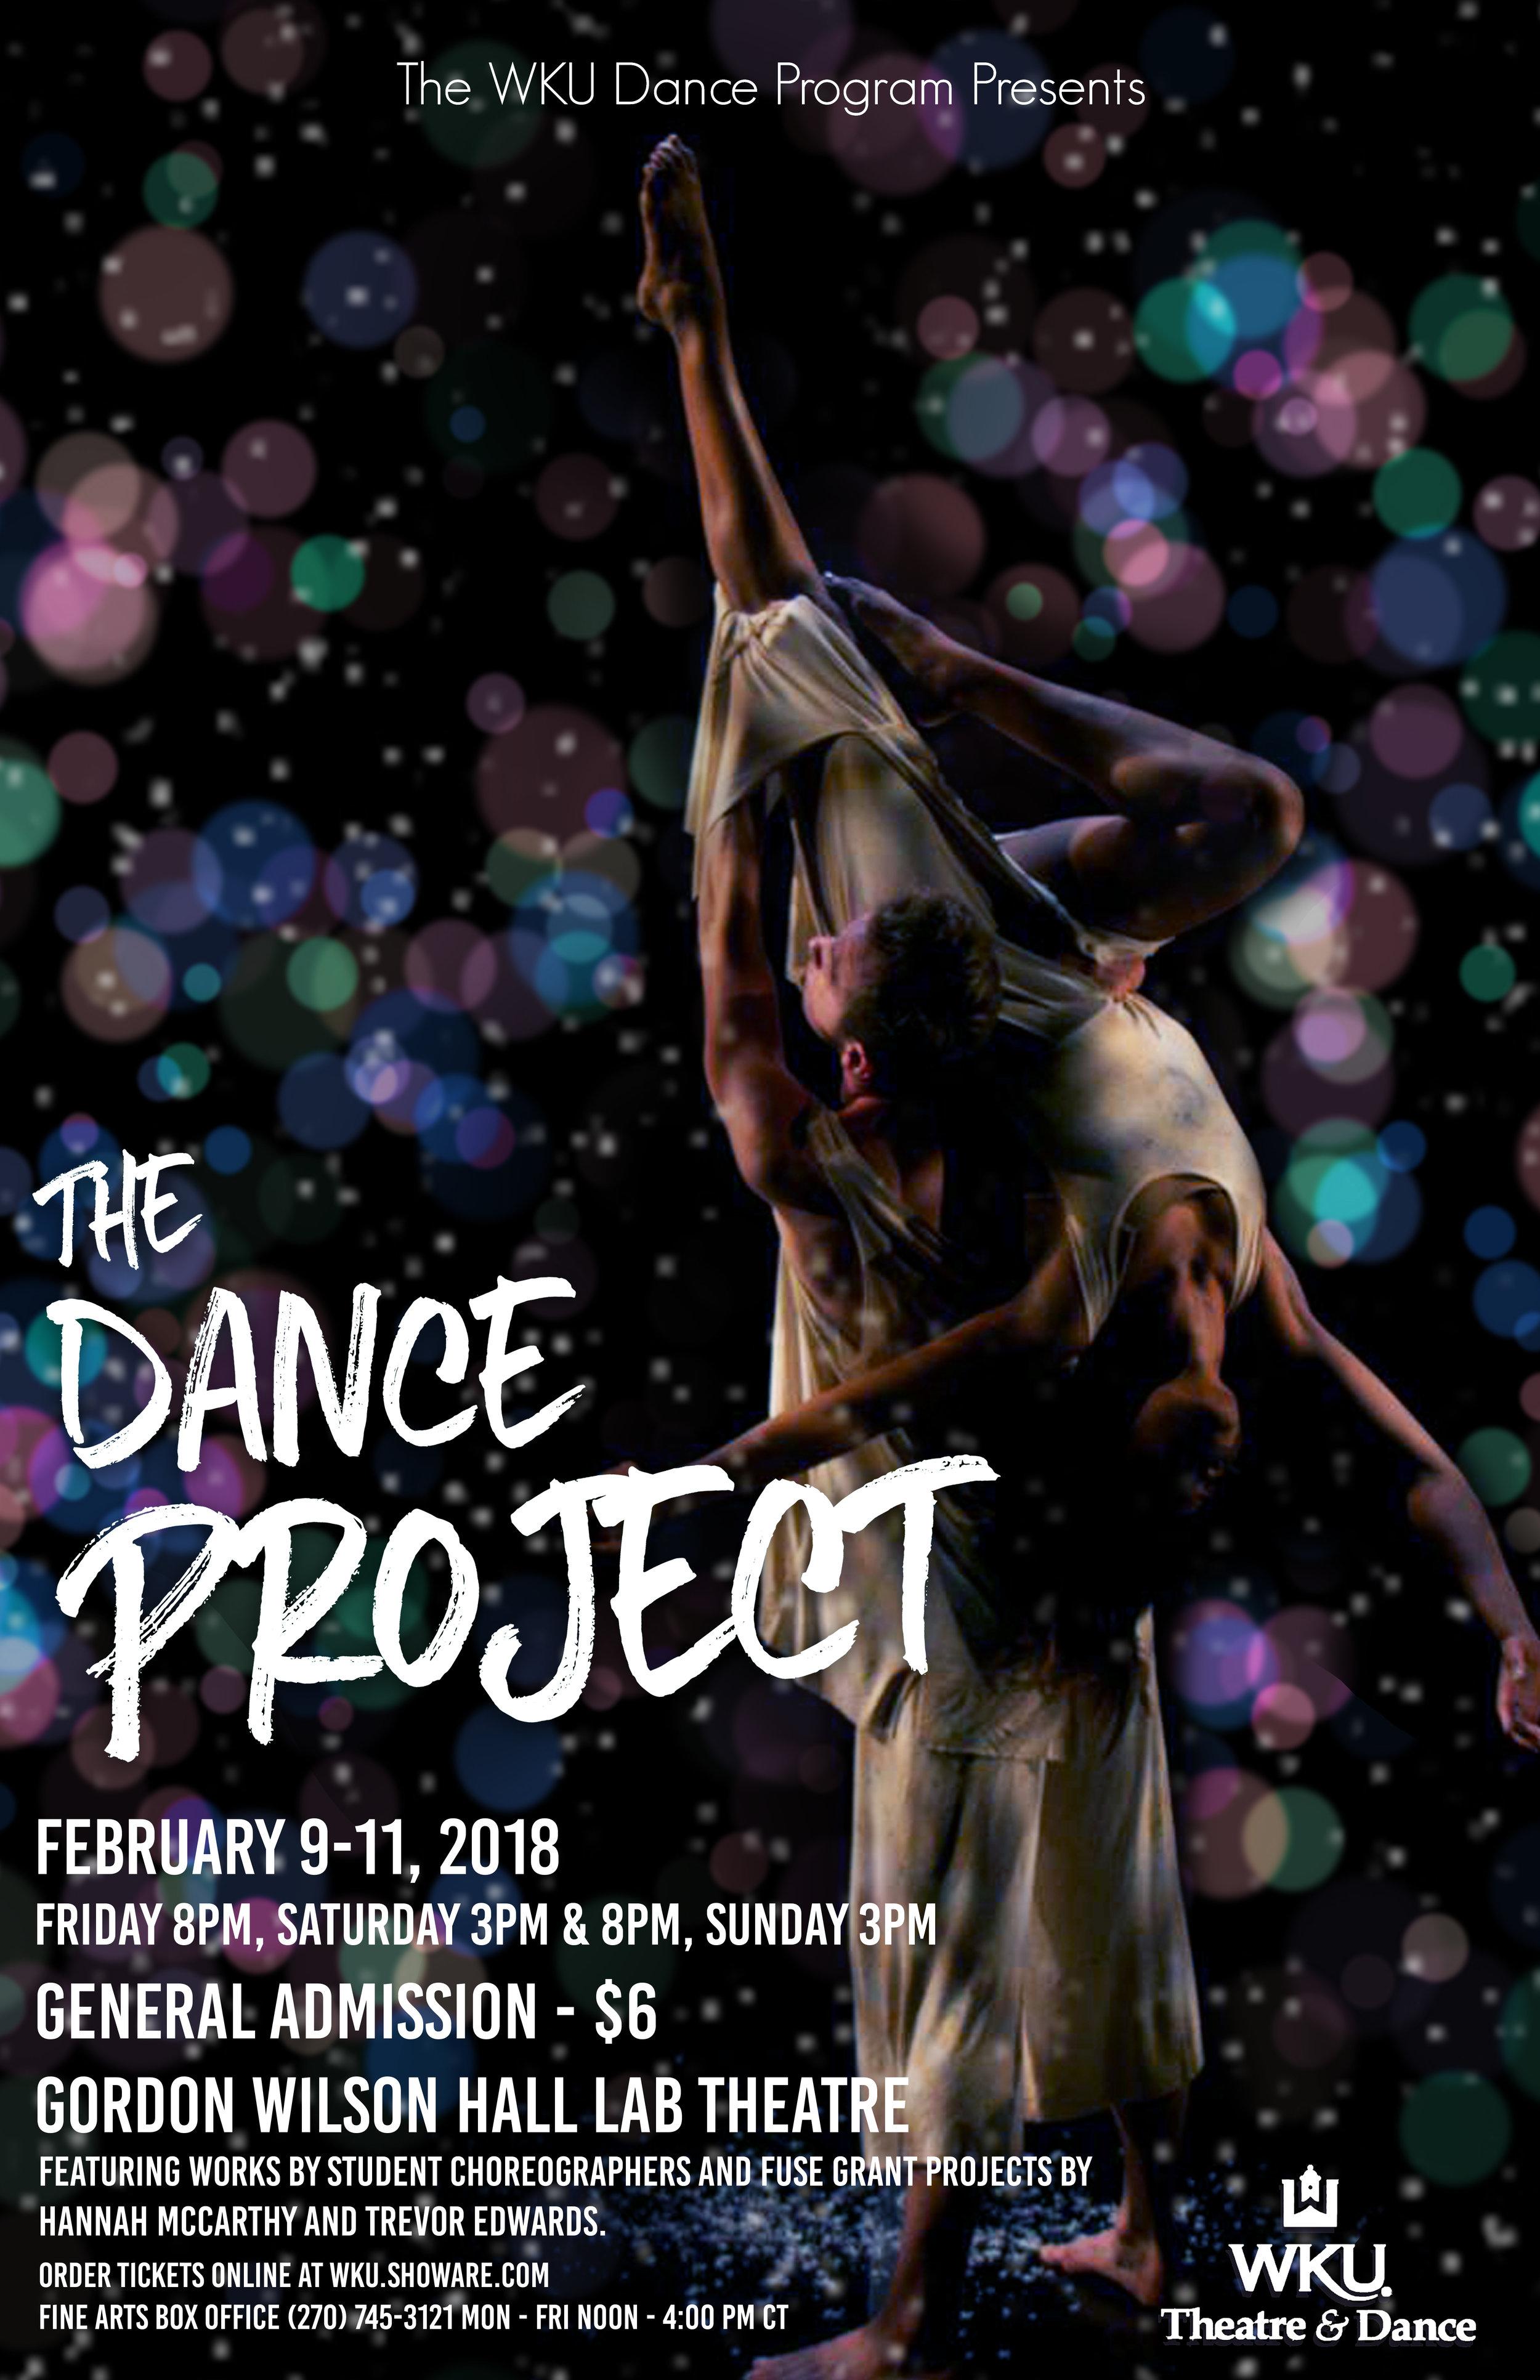 DanceProjectPoster.jpg